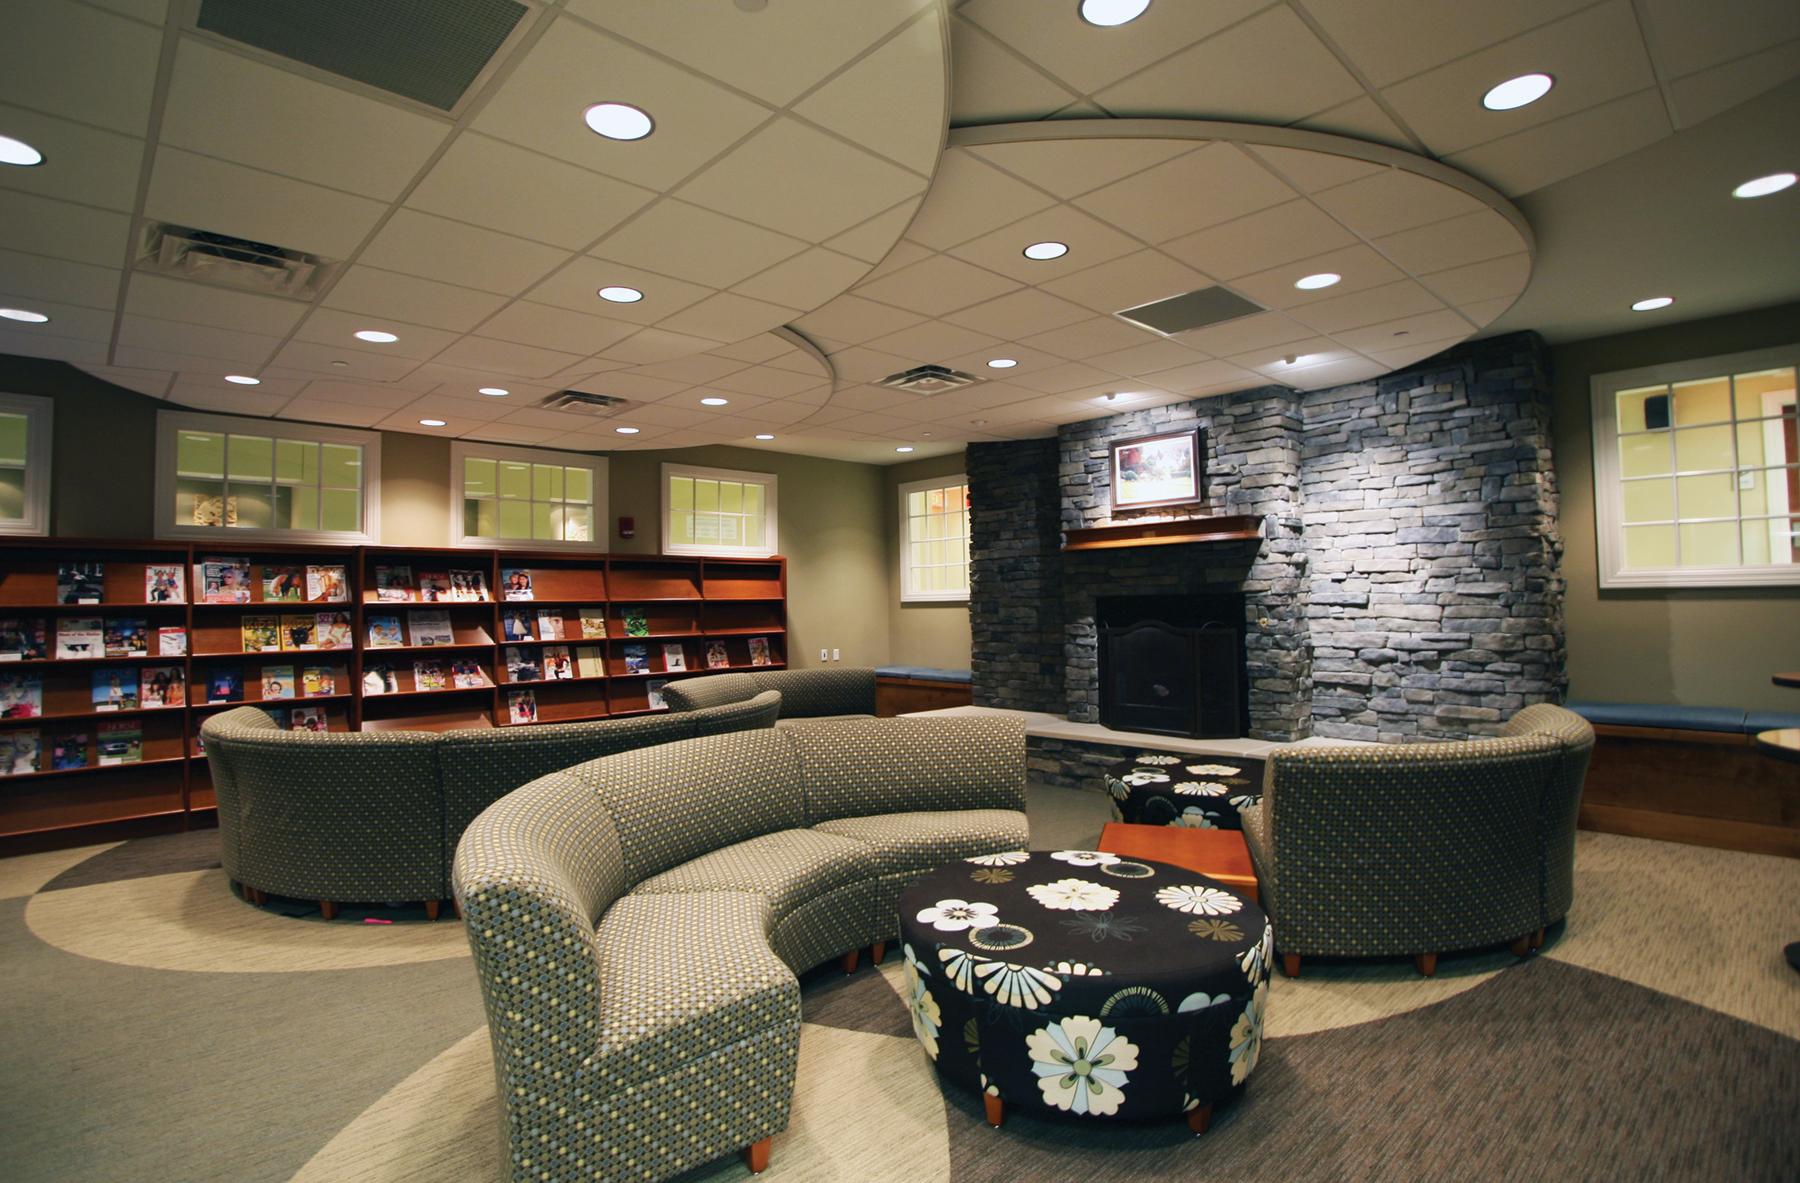 EDU_St Marys WSM Bldg_Library02_RGB_HR.jpg